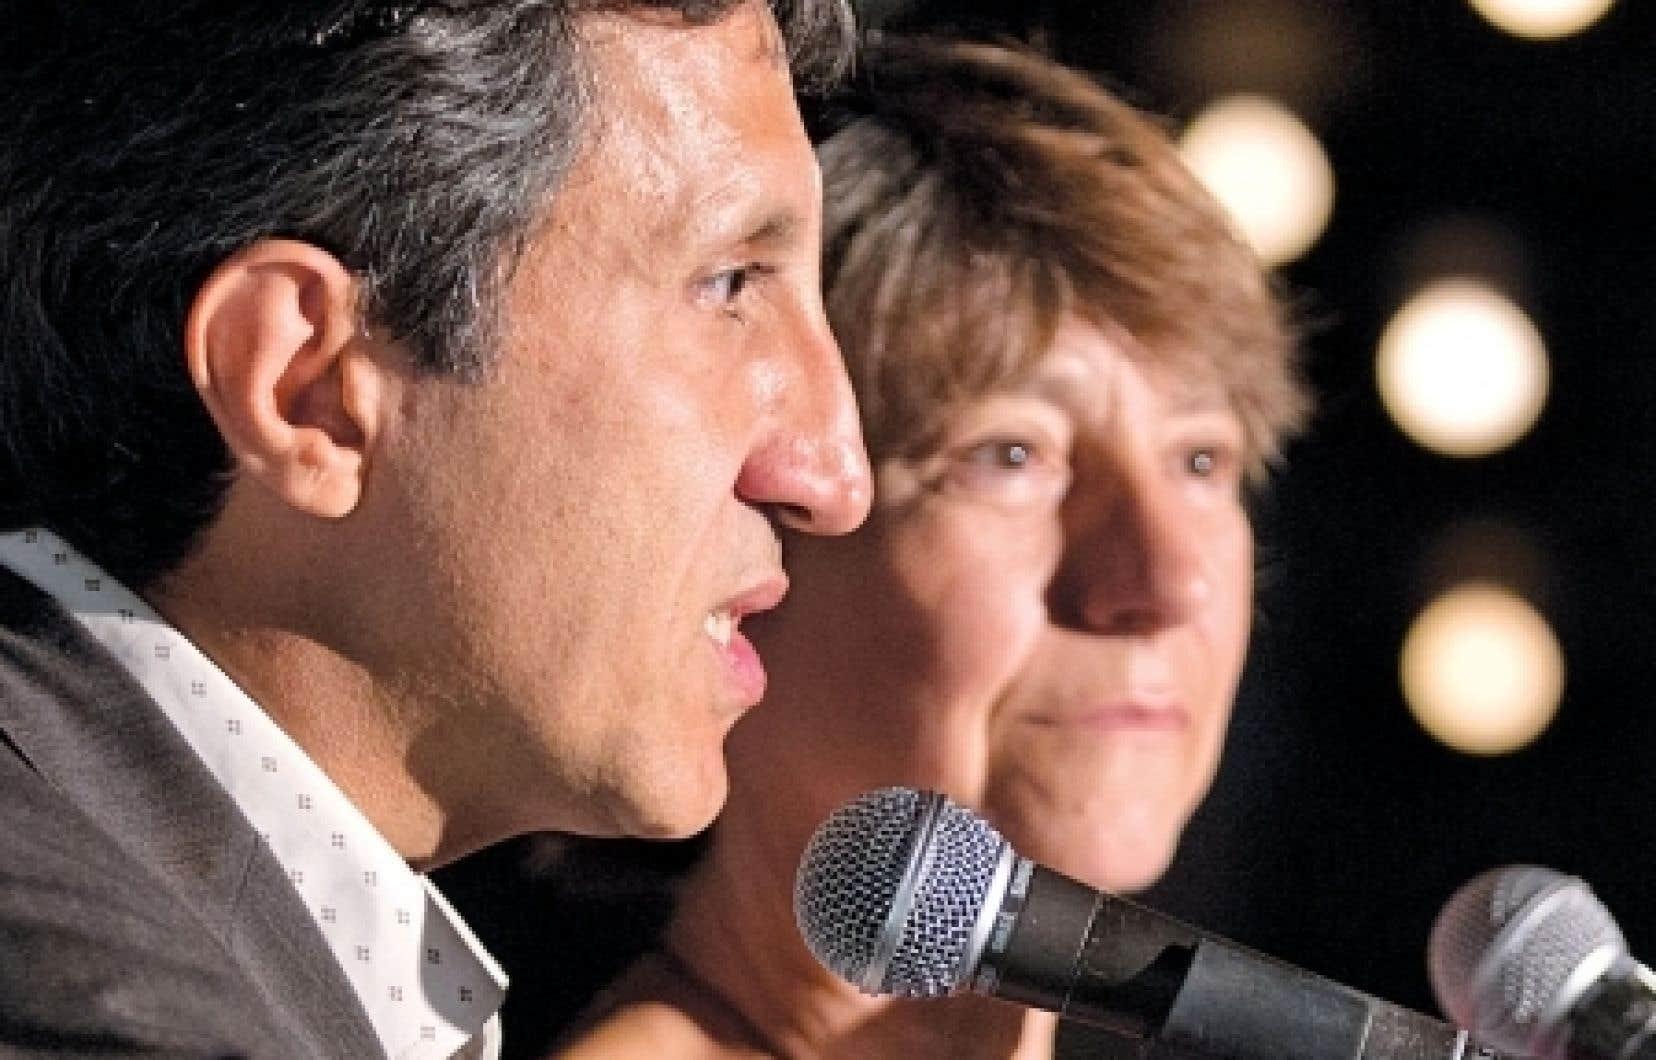 André Frappier succède à la députée de Gouin, Françoise David (à droite sur la photo), à titre de président et porte-parole du parti. Cette dernière est maintenant porte-parole parlementaire du parti, un poste auparavant occupé par le député de Mercier, Amir Khadir (à gauche).